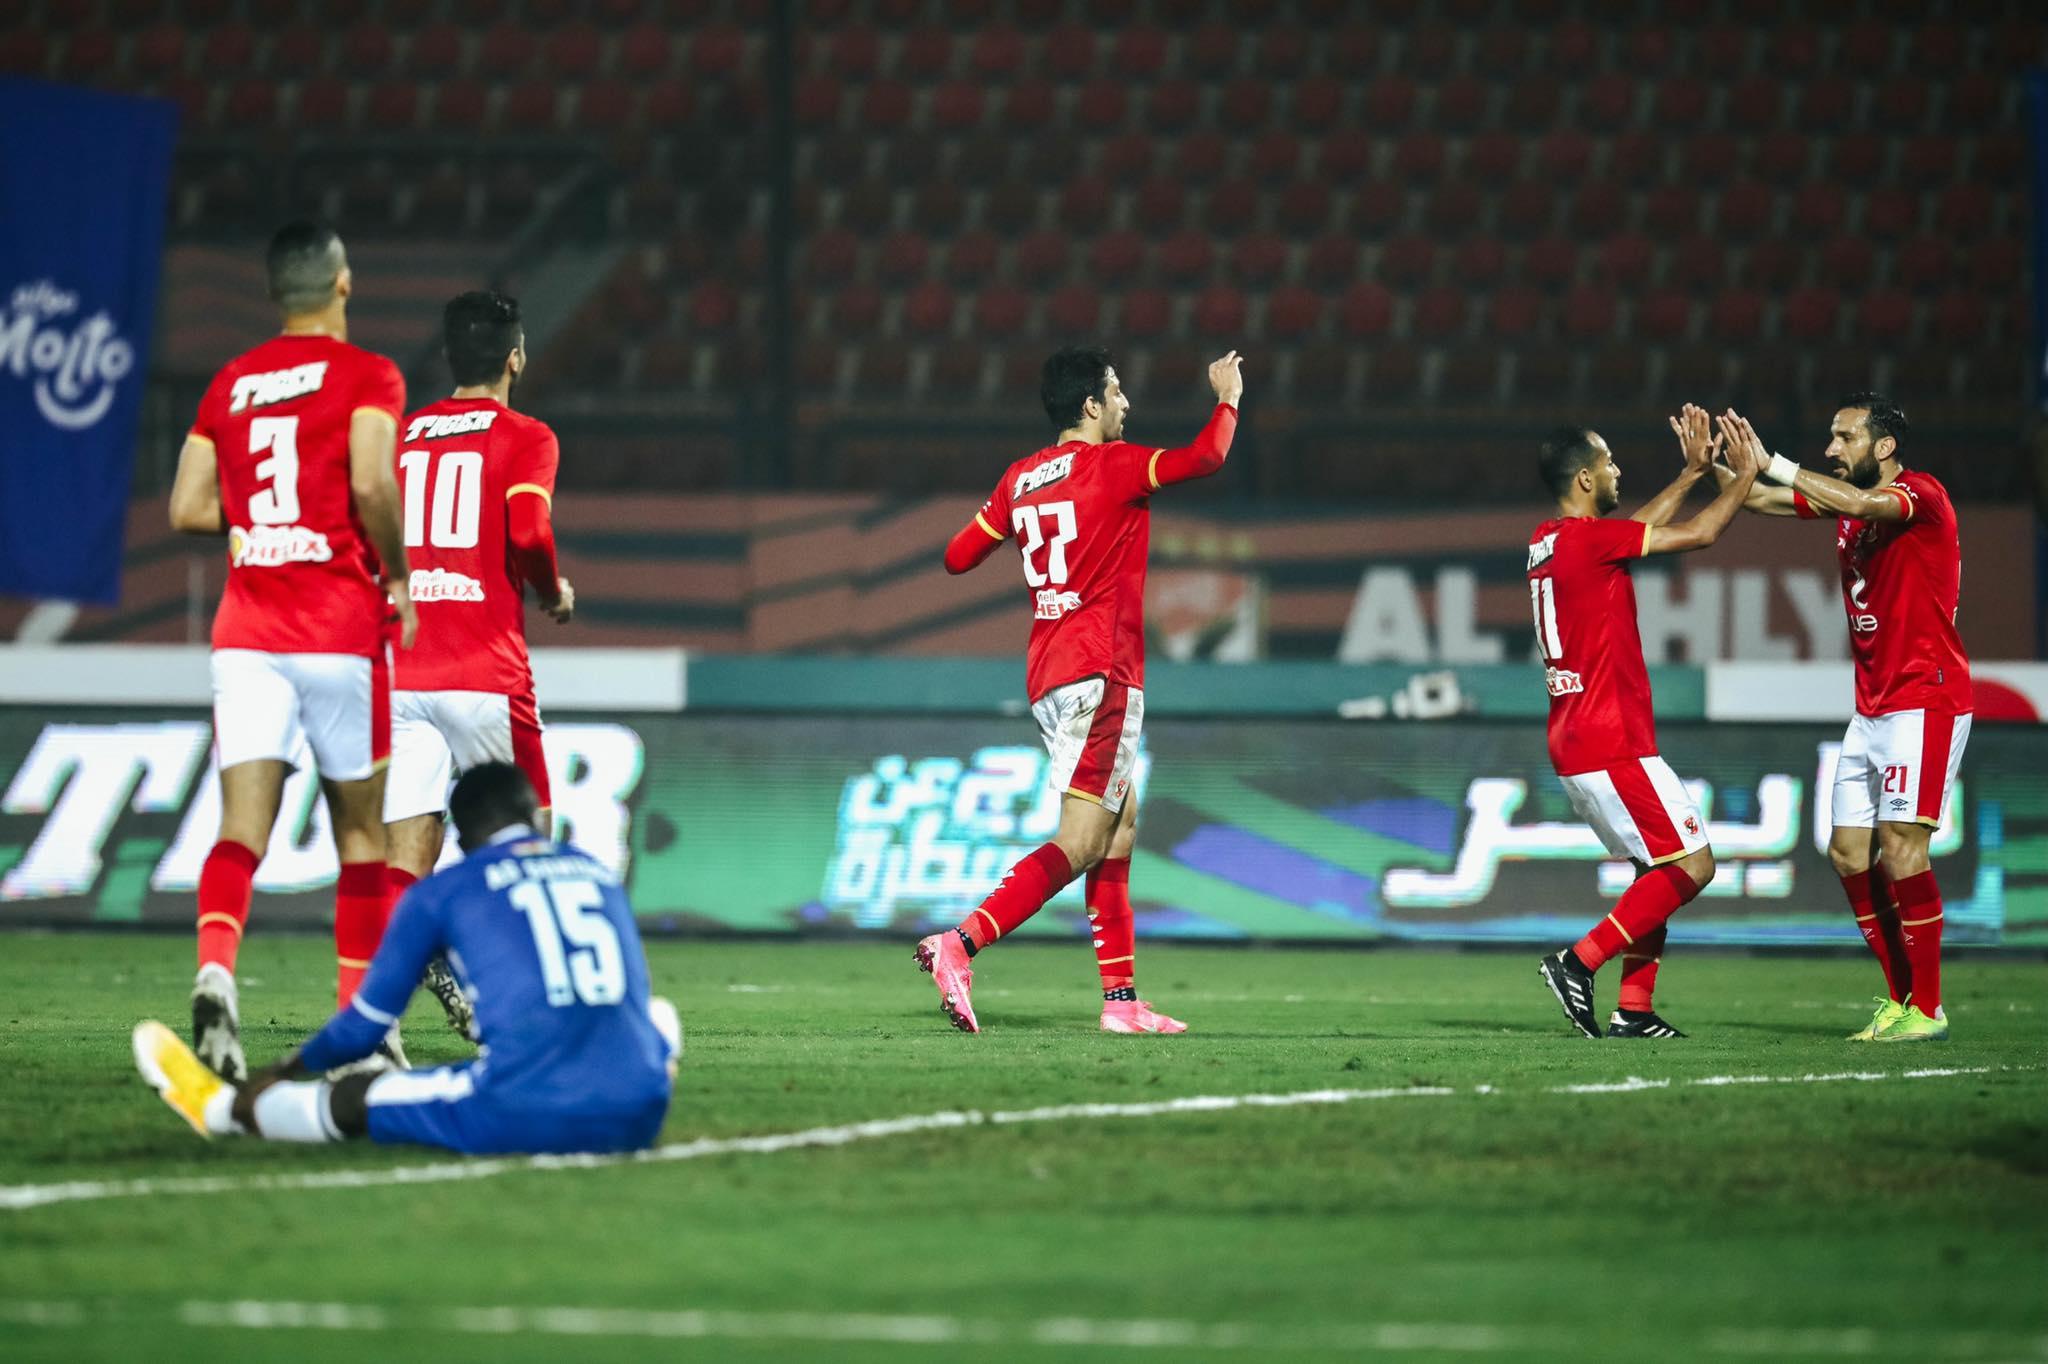 الأهلي يتأهل لدور المجموعات في دوري أبطال إفريقيا برباعية في شباك سونيديب بطل النيجر